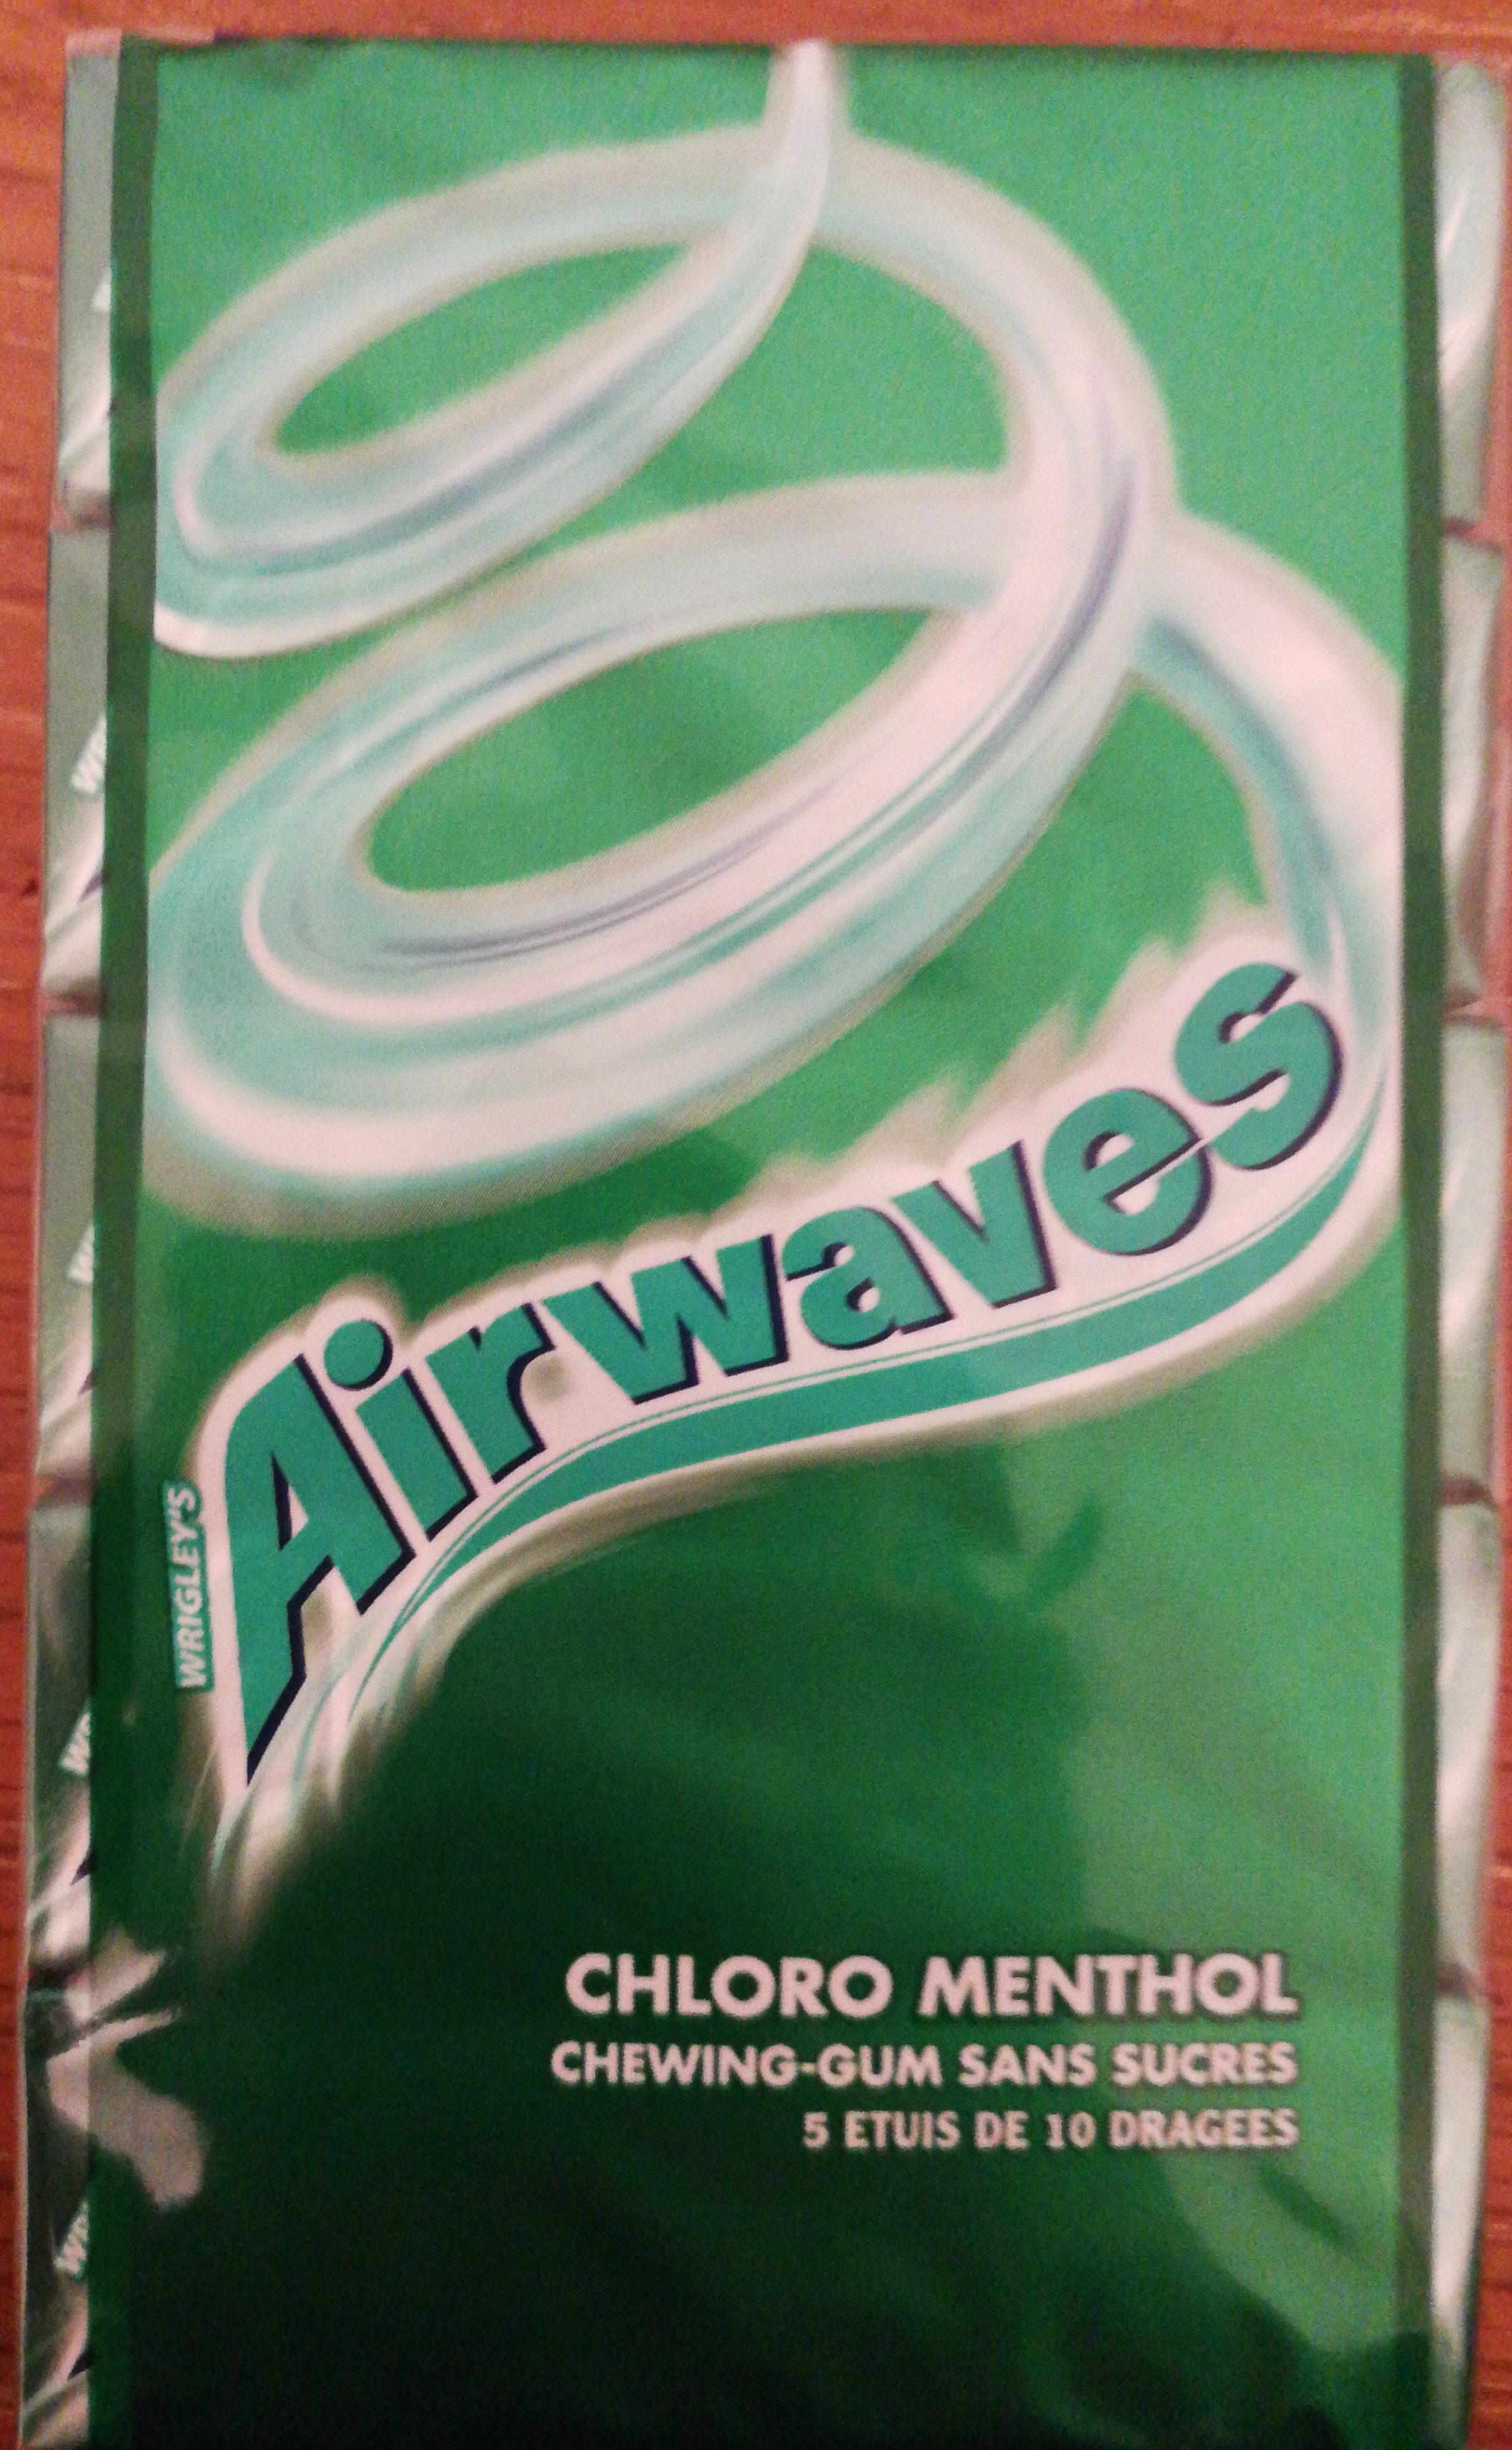 Chewing-gum sans sucres aux goûts menthol et menthe - Product